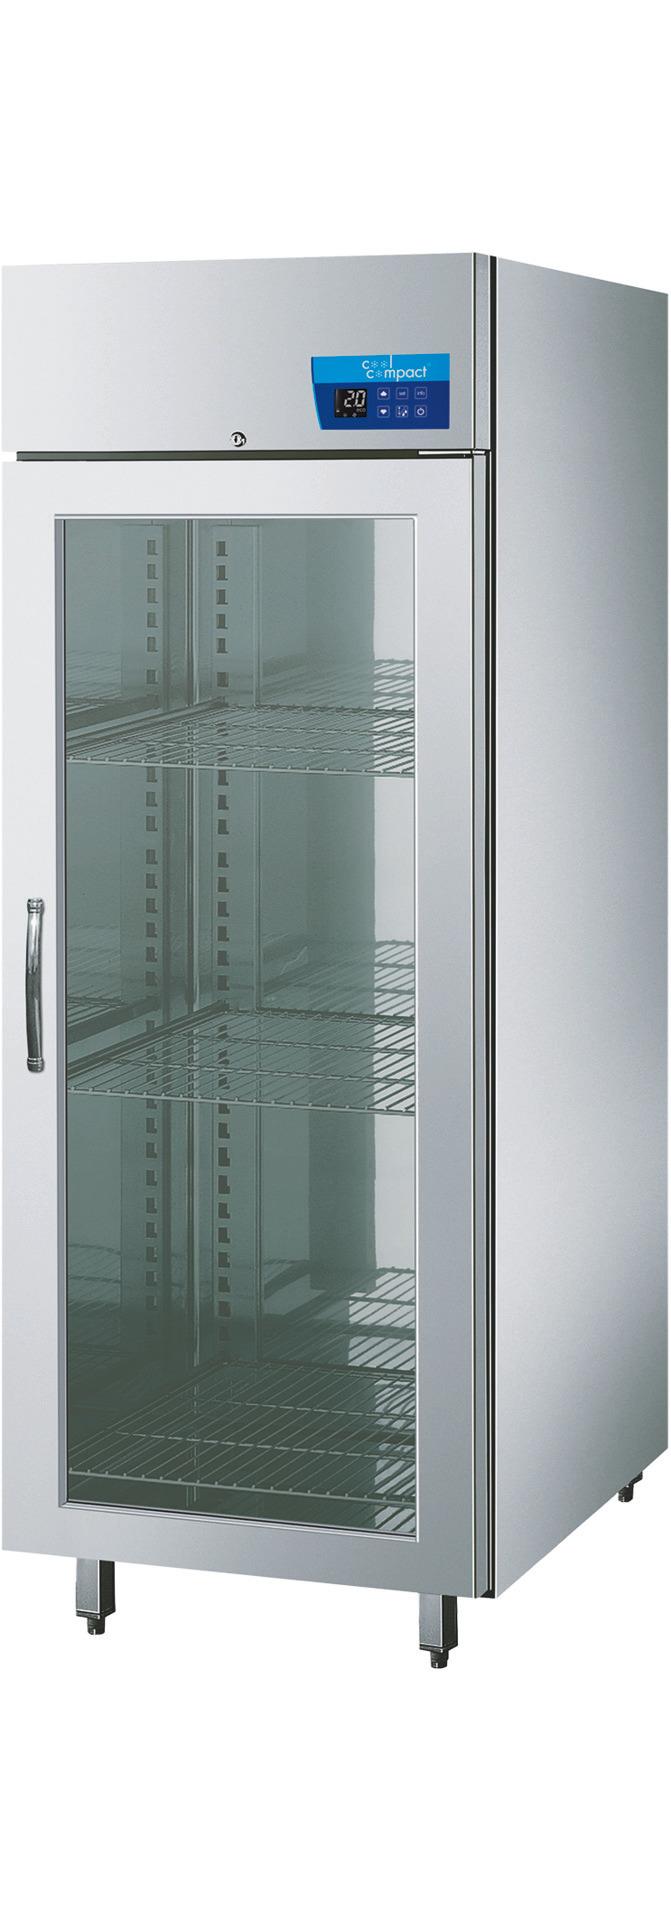 Umluft-Glastürtiefkühlschrank  21 x GN 1/1 / steckerfertig